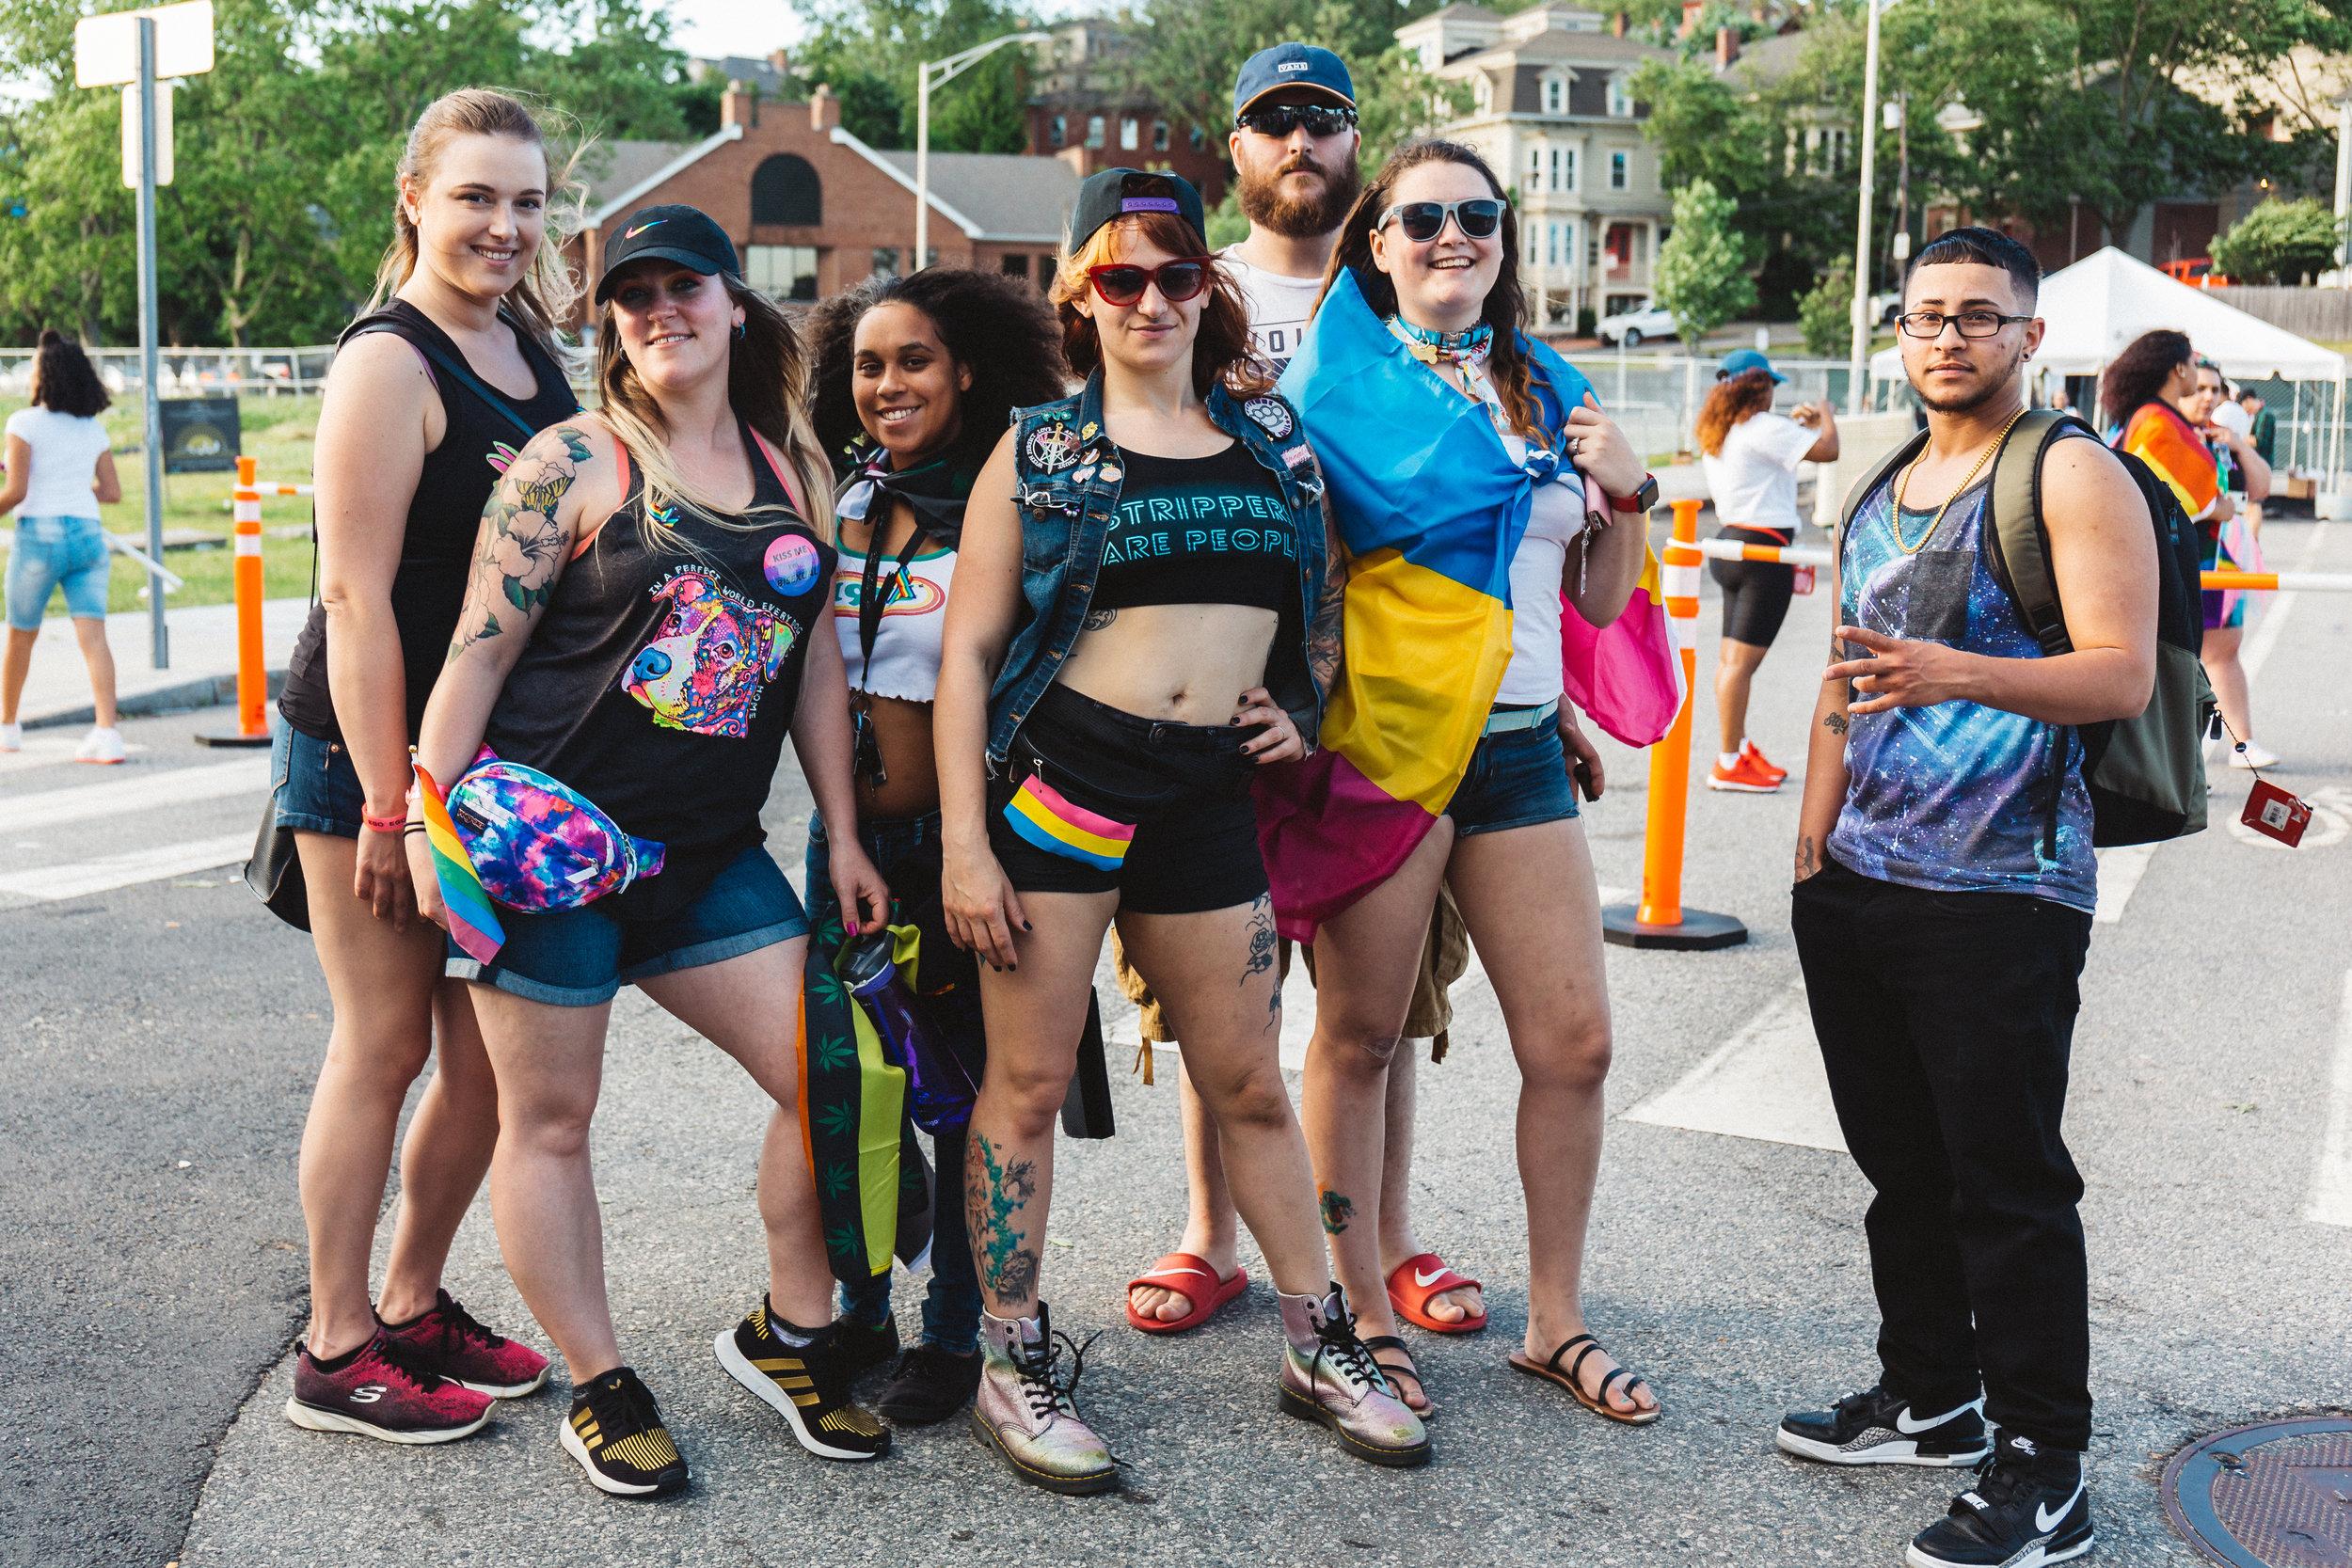 Rhode island pride 2019 -